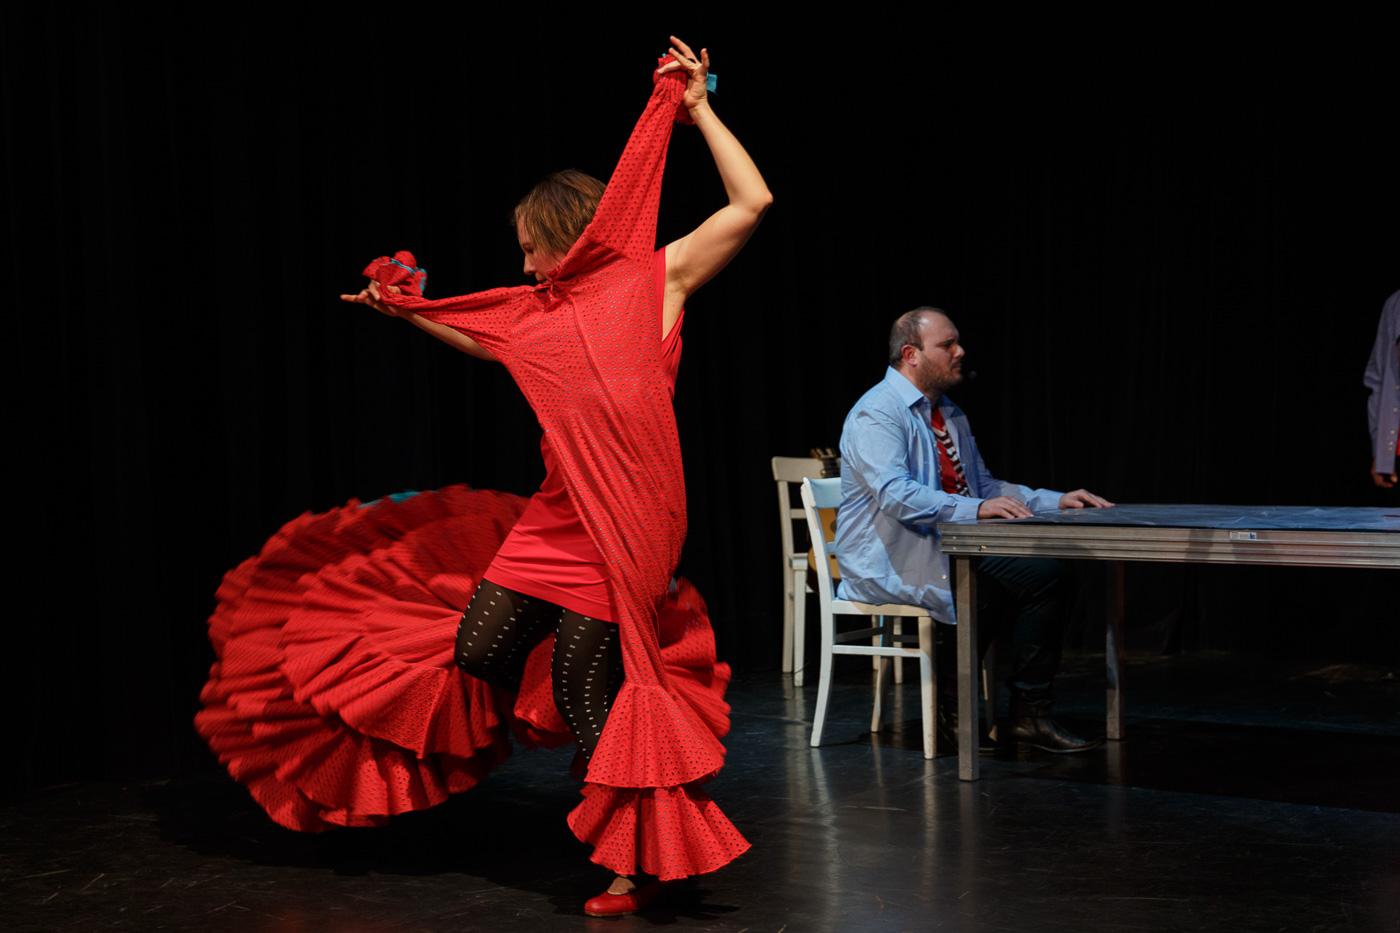 Foto Flamencotaenzerin Julia Petschinka_Flamencosaenger Paco Contreras_Foto von Daniel Karsch